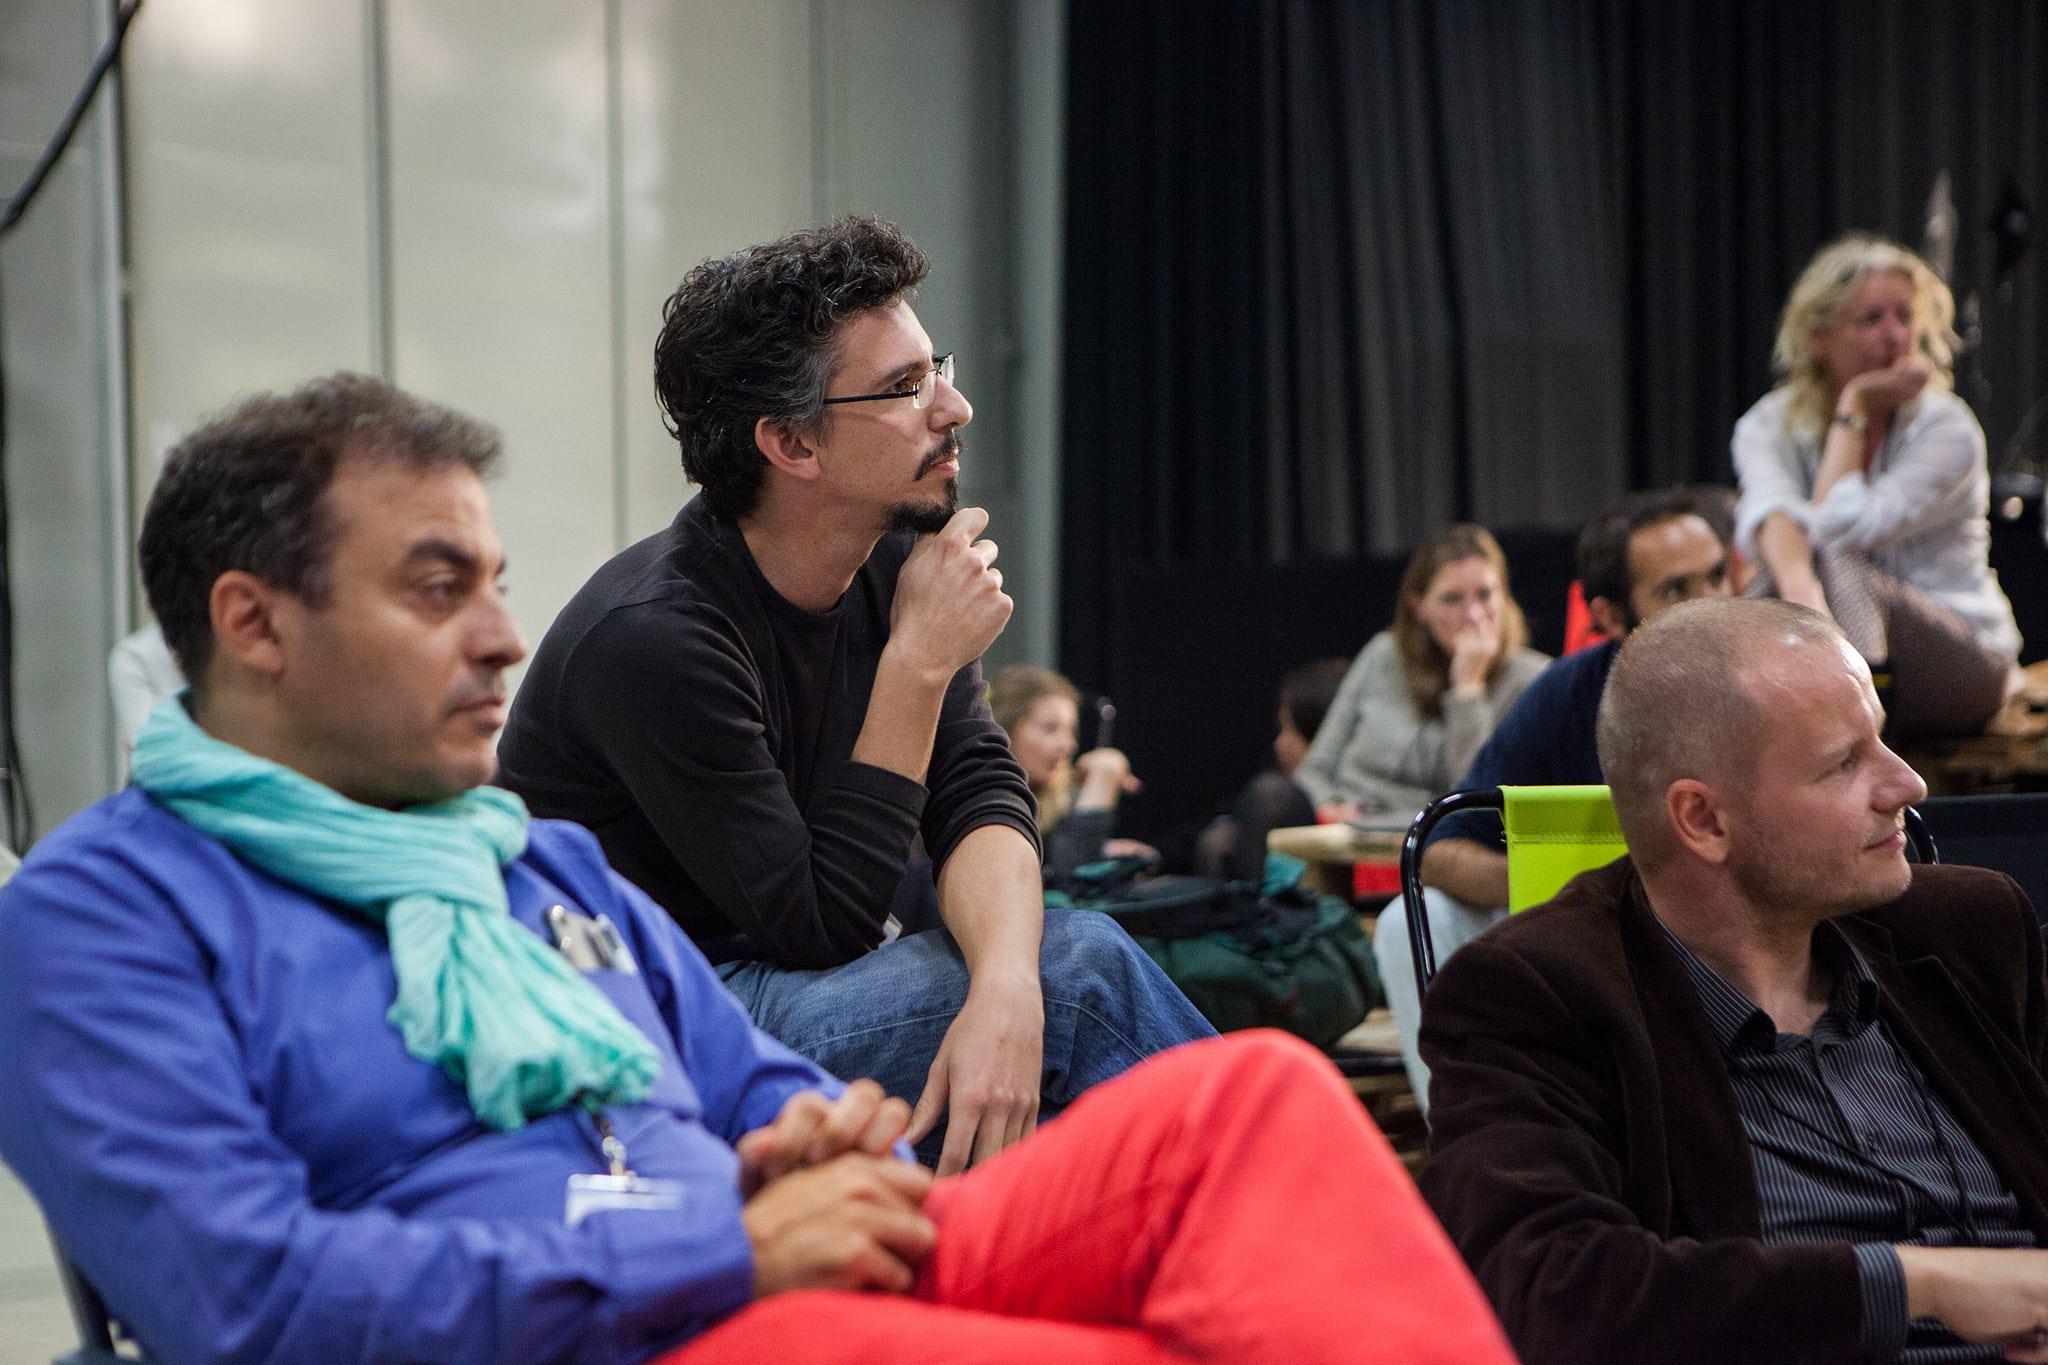 Reunión de trabajo durante la última edición de Idea Camp en Botkyrka. FOTO: JULIO ALBARRÁN.